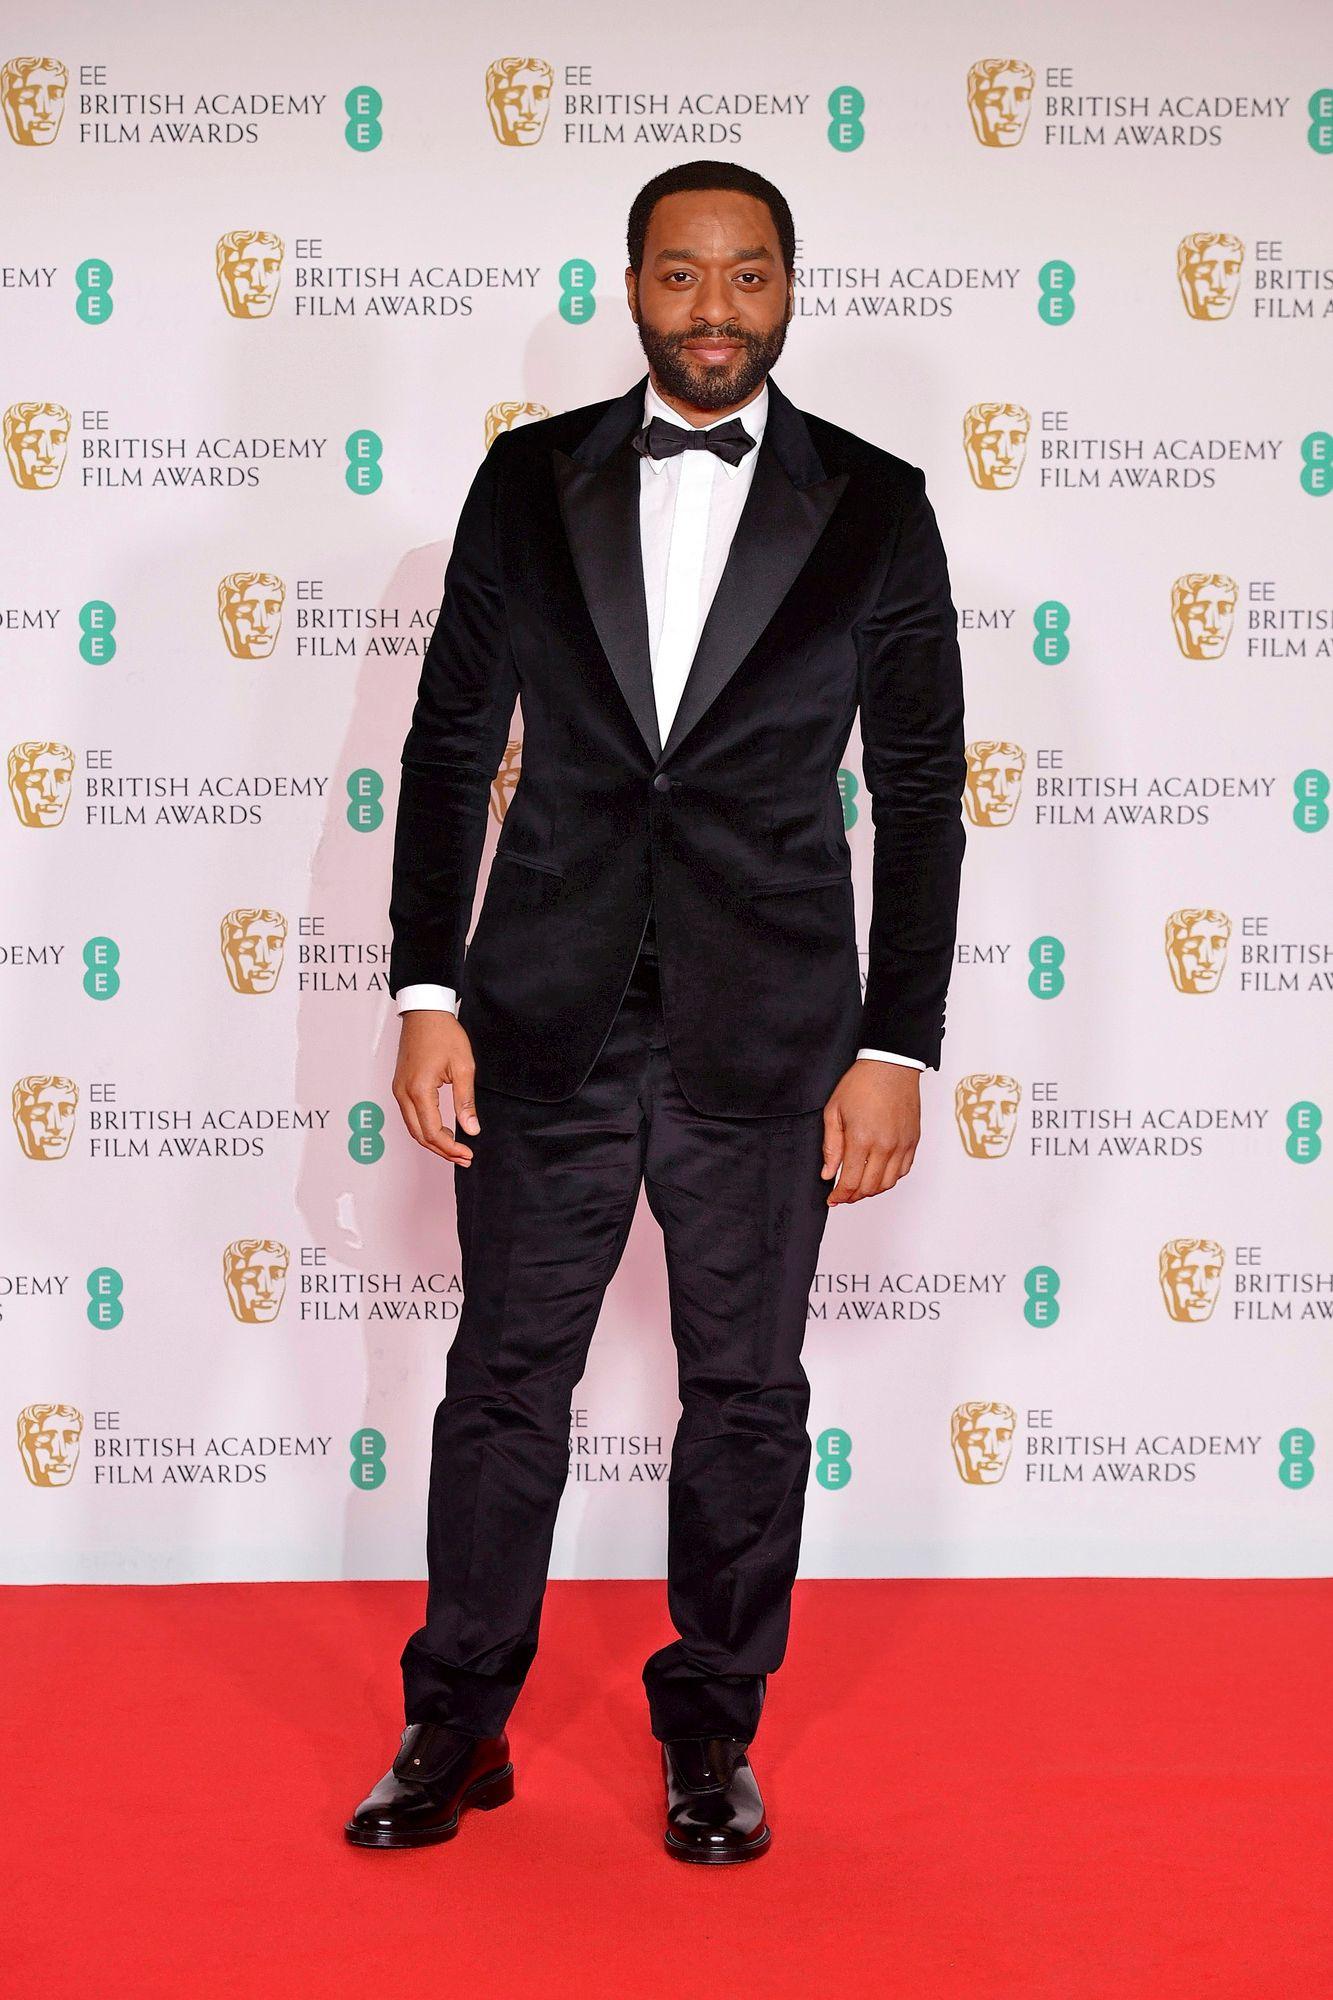 BAFTA-palkittu näyttelijä Chiwetel Ejiofor toimi tällä kertaa palkinnon jakajana. © Ian West/PA Images/MVPhotos